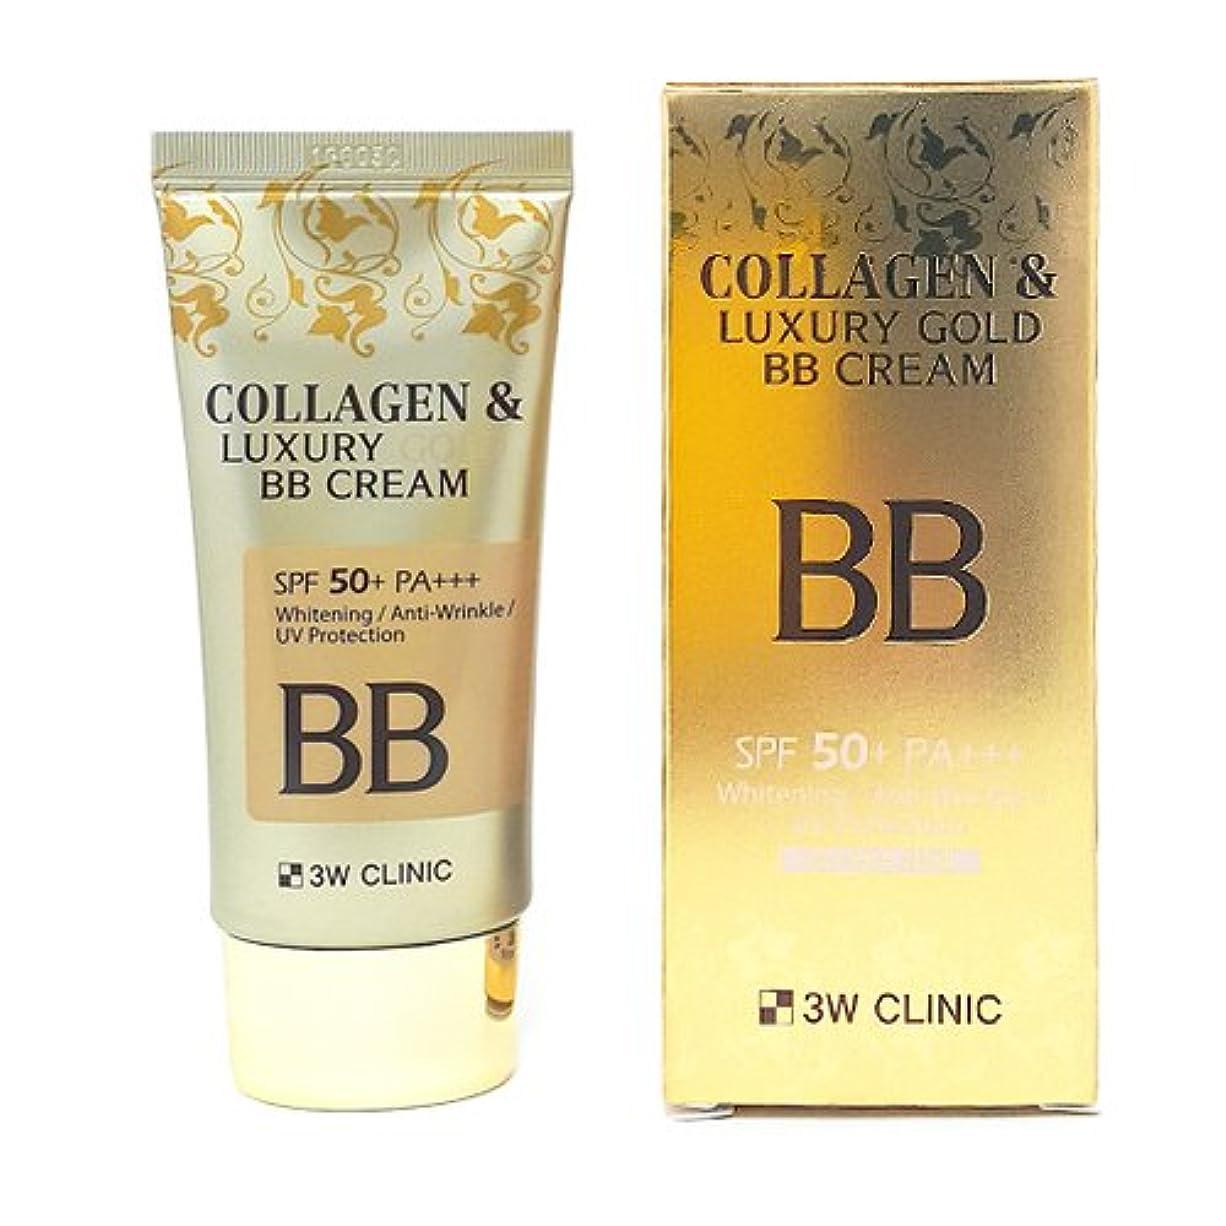 感度感度太平洋諸島3Wクリニック[韓国コスメ3w Clinic]Collagen & Luxury Gold BB Cream コラーゲンラグジュアリーゴールド BBクリーム50ml 50+/PA+++[並行輸入品]